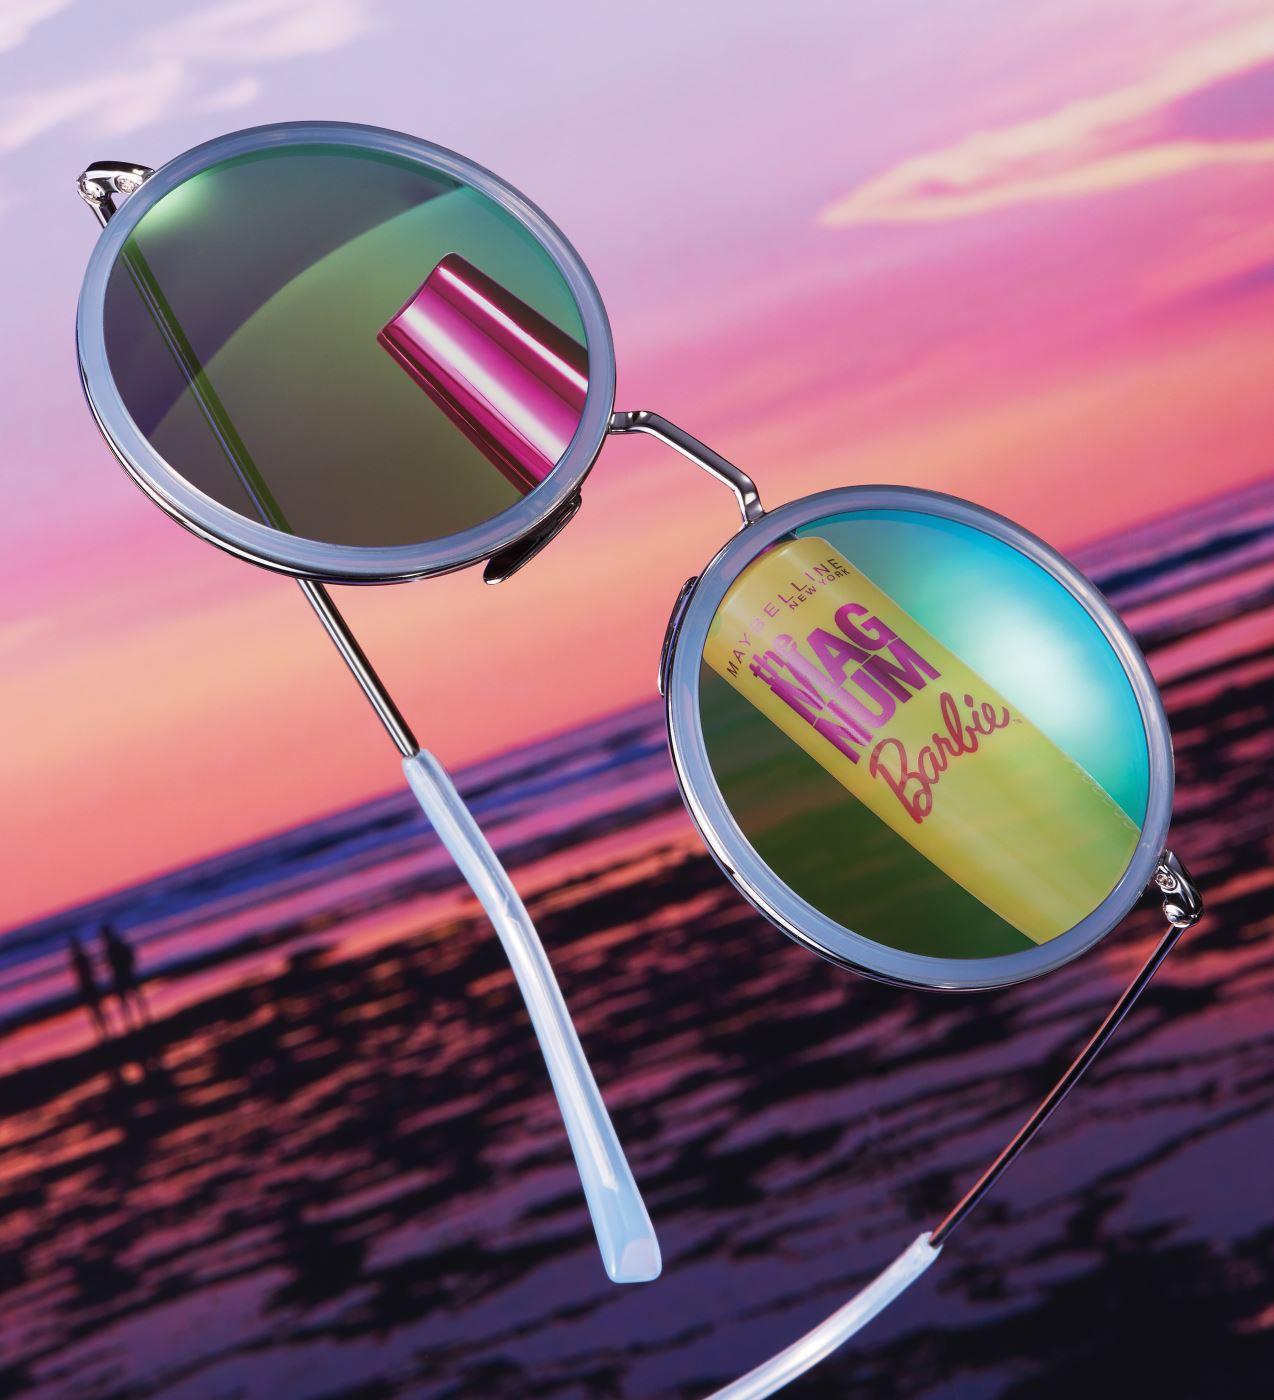 영롱한그린컬러미러렌즈의 선글라스는 A.D.S.R by Kustom.